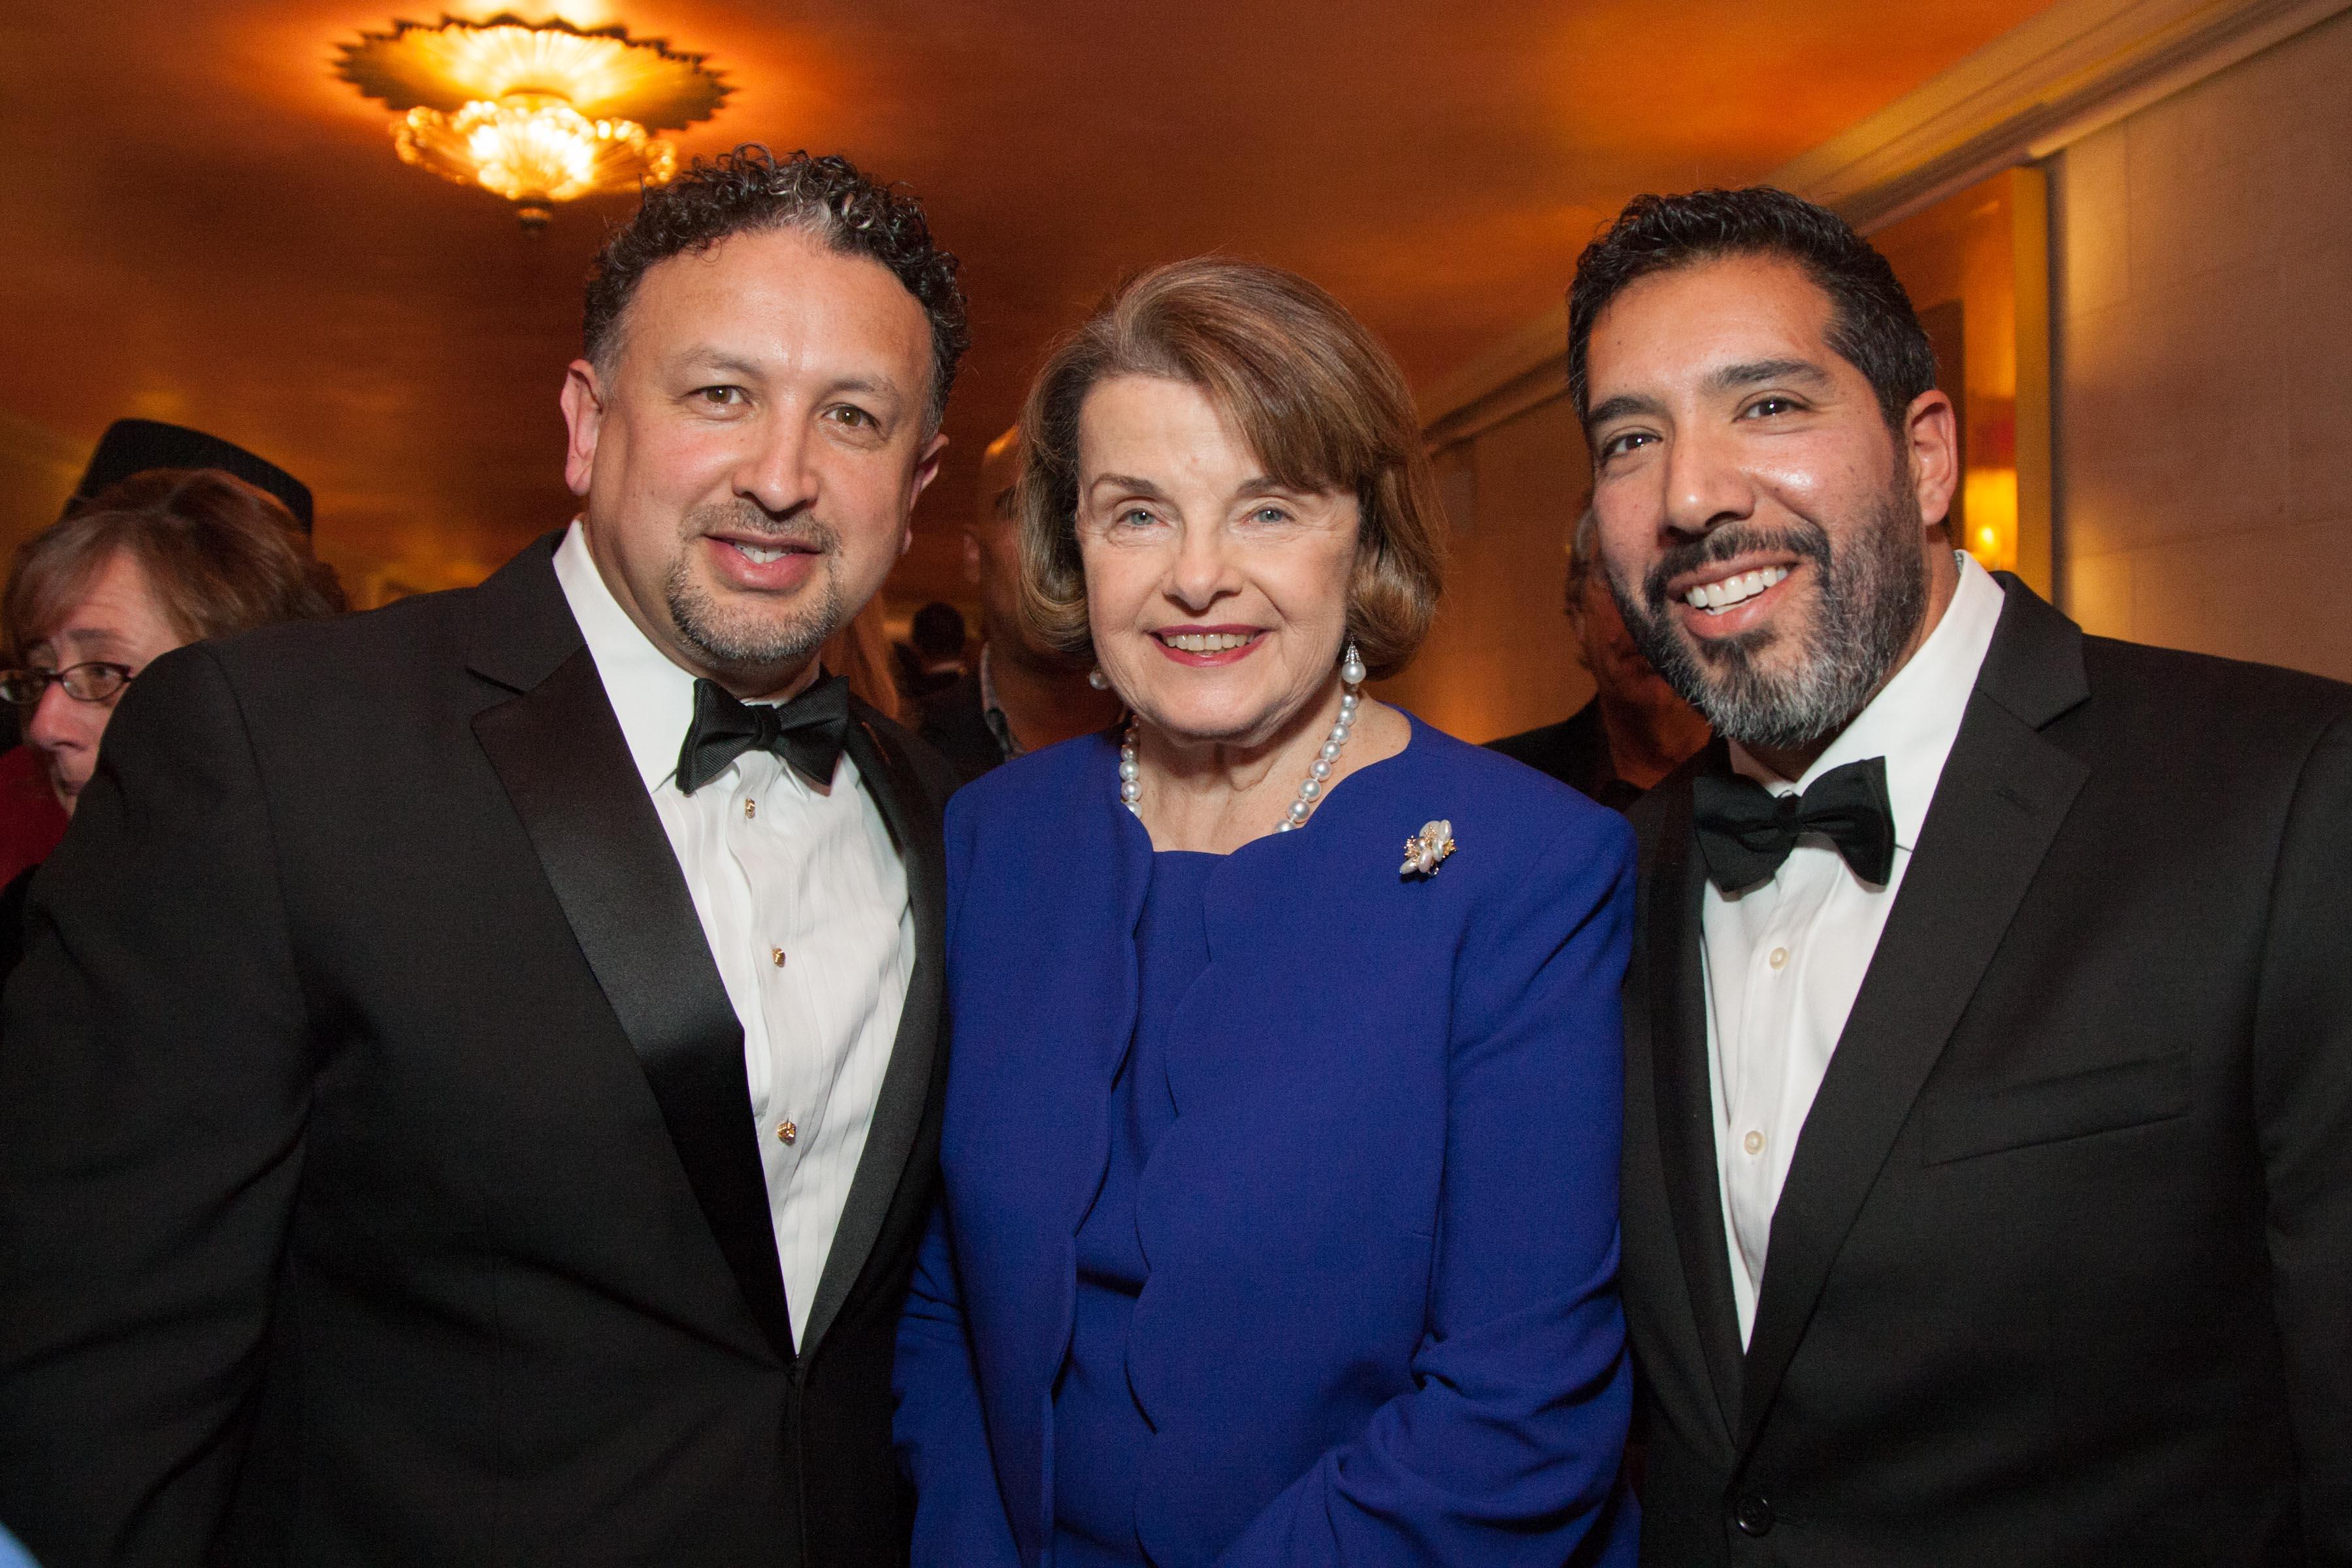 MIguel Bustos, US Senator Dianne Feinstein, Alex Rivera